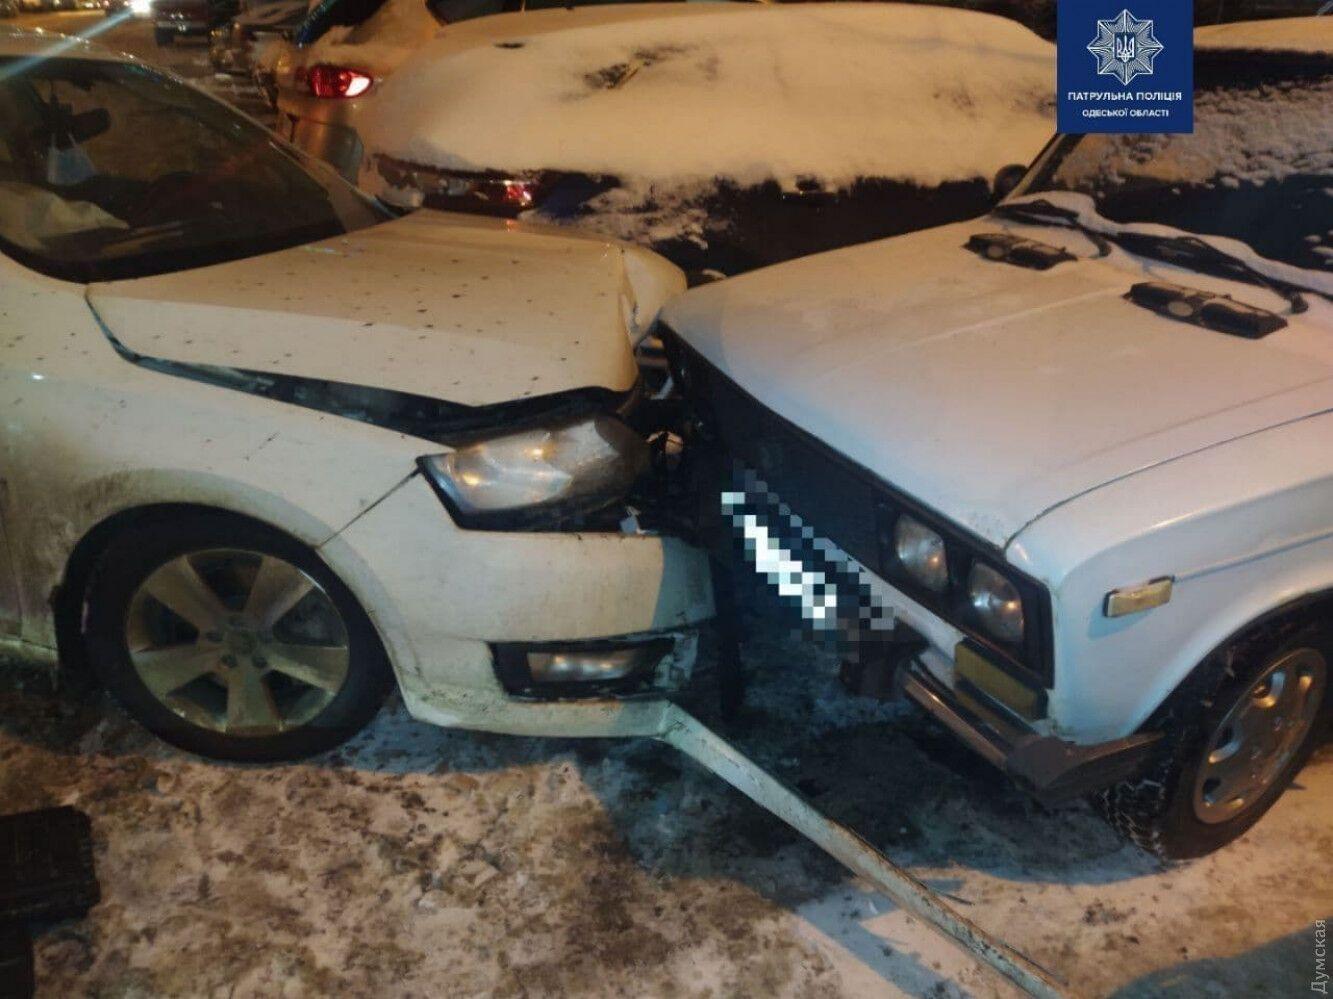 Пять припаркованных авто пострадали.